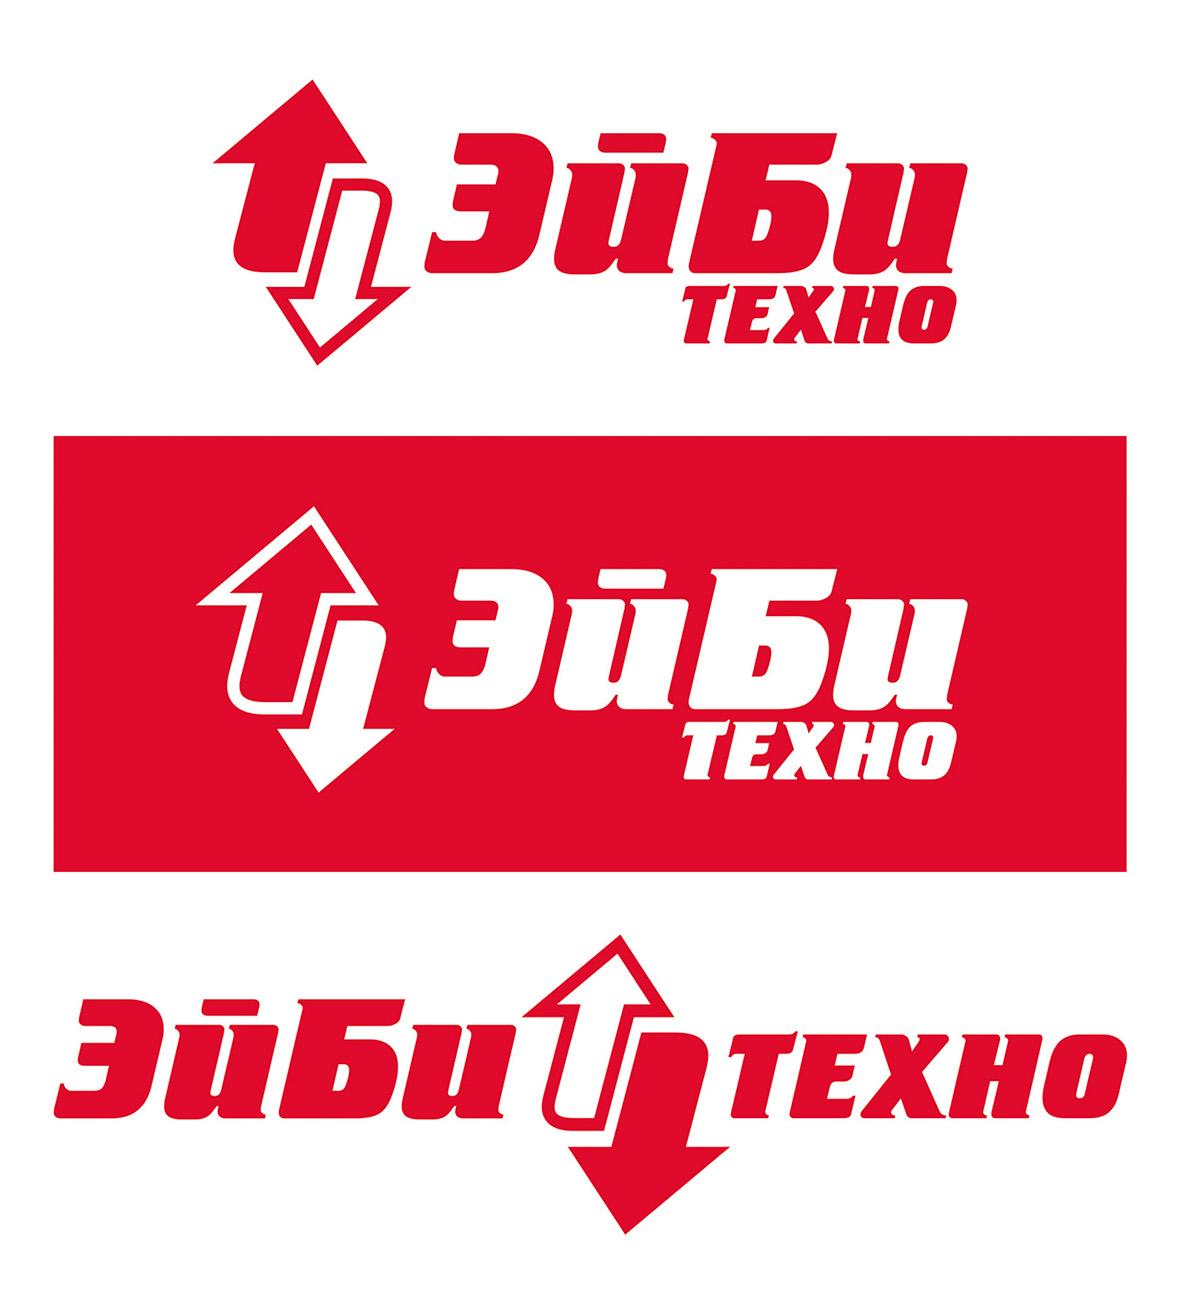 Разработка логотипа и фирменного стиля фото f_6695cd854a75e39f.jpg